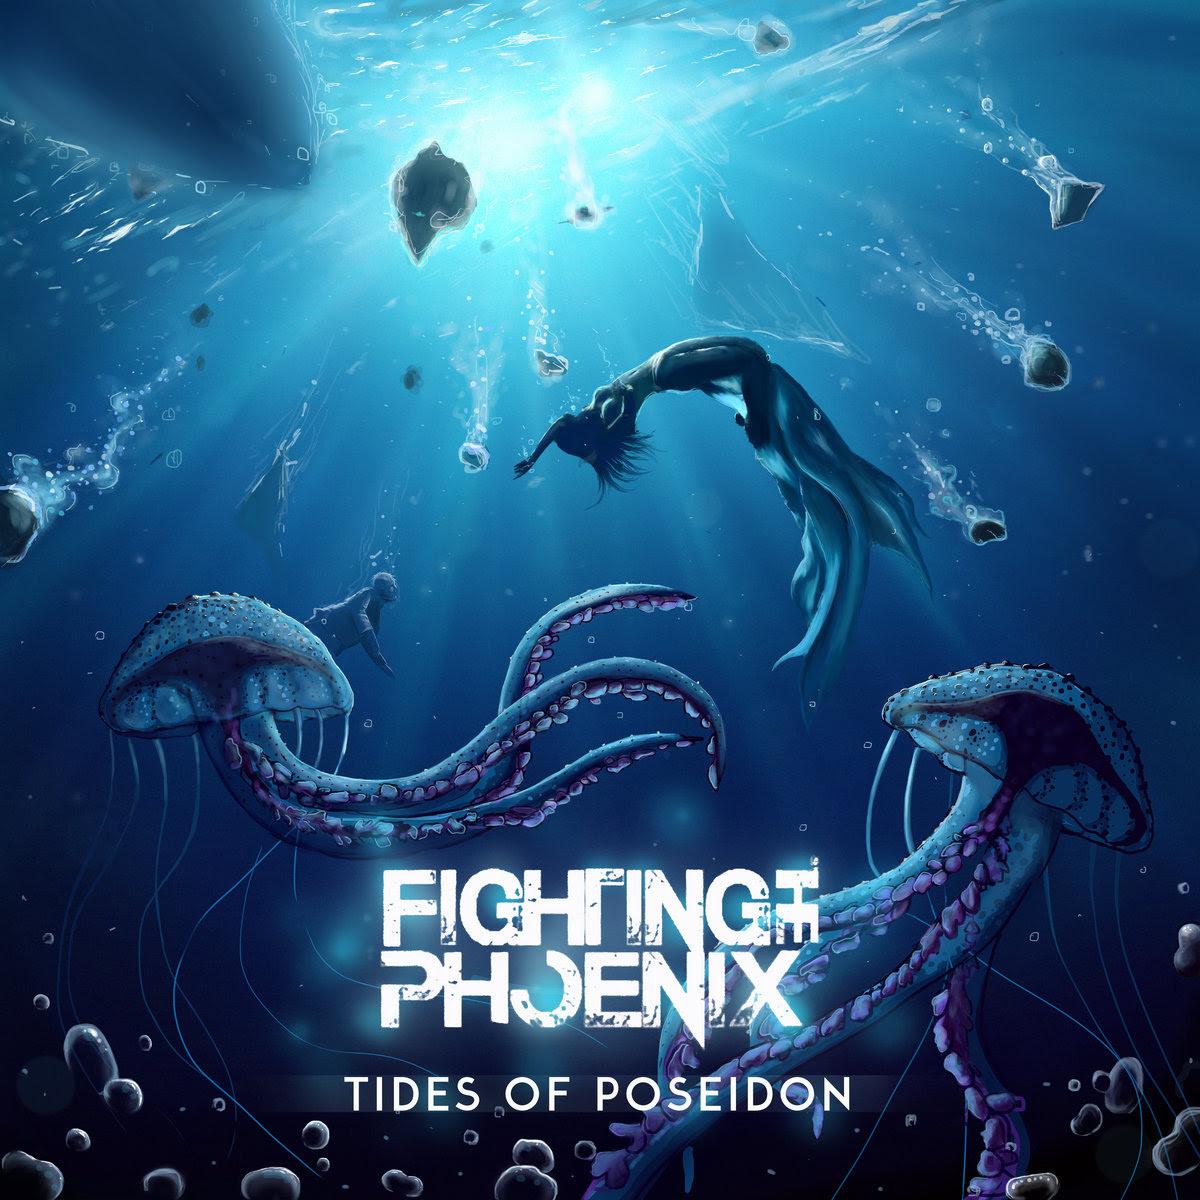 www.facebook.com/fightingthephoenix